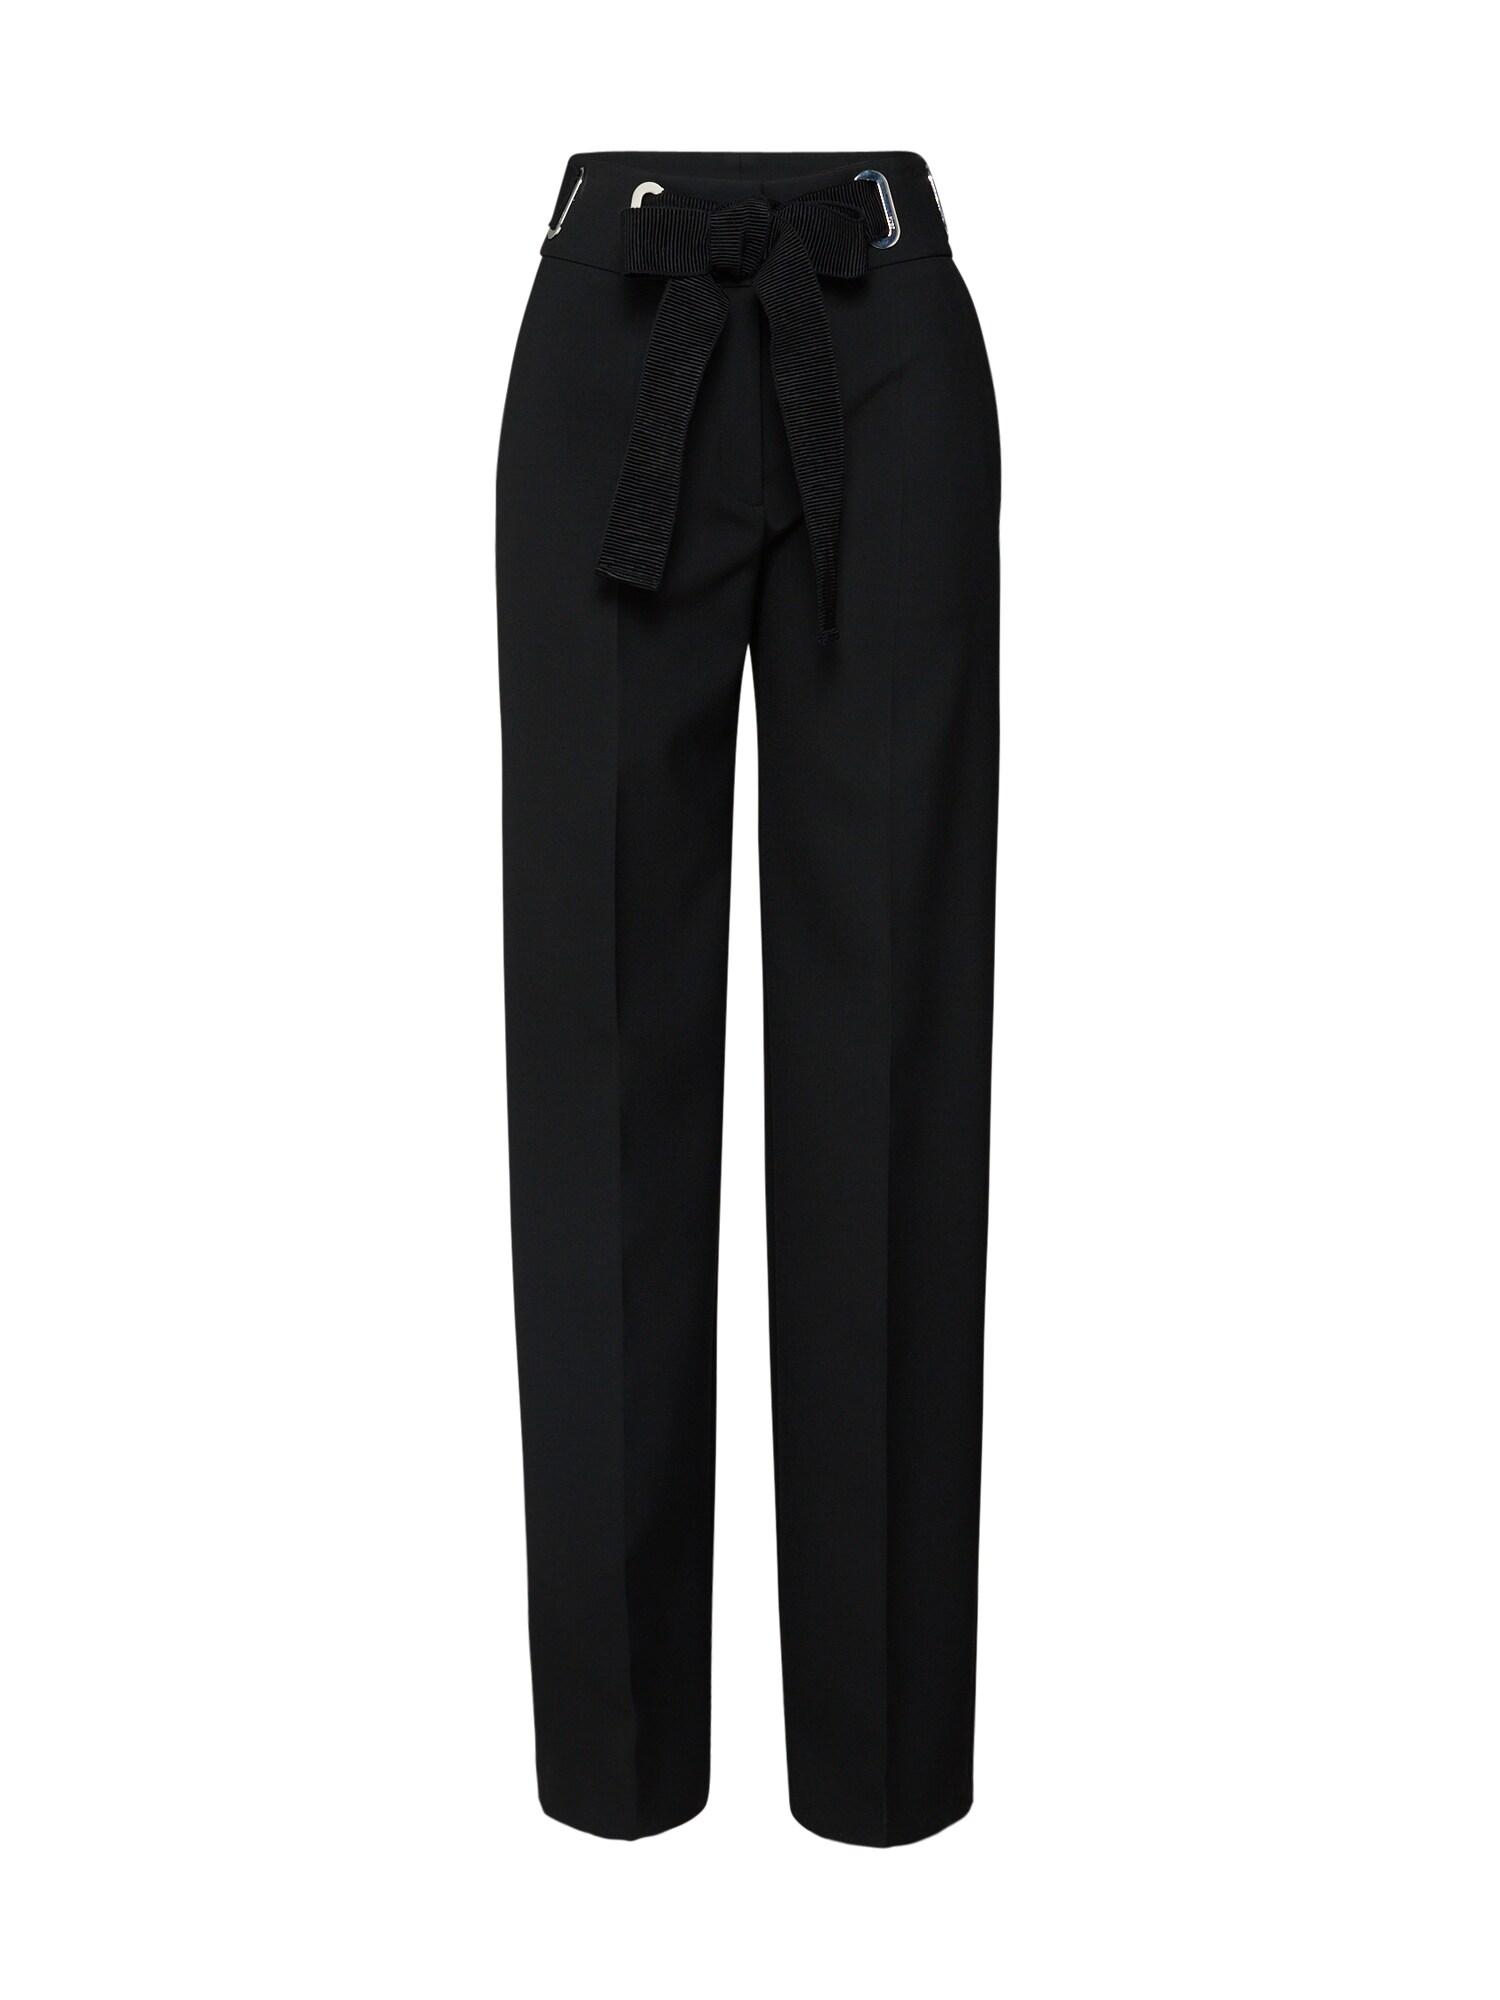 Kalhoty s puky Hiselli černá HUGO